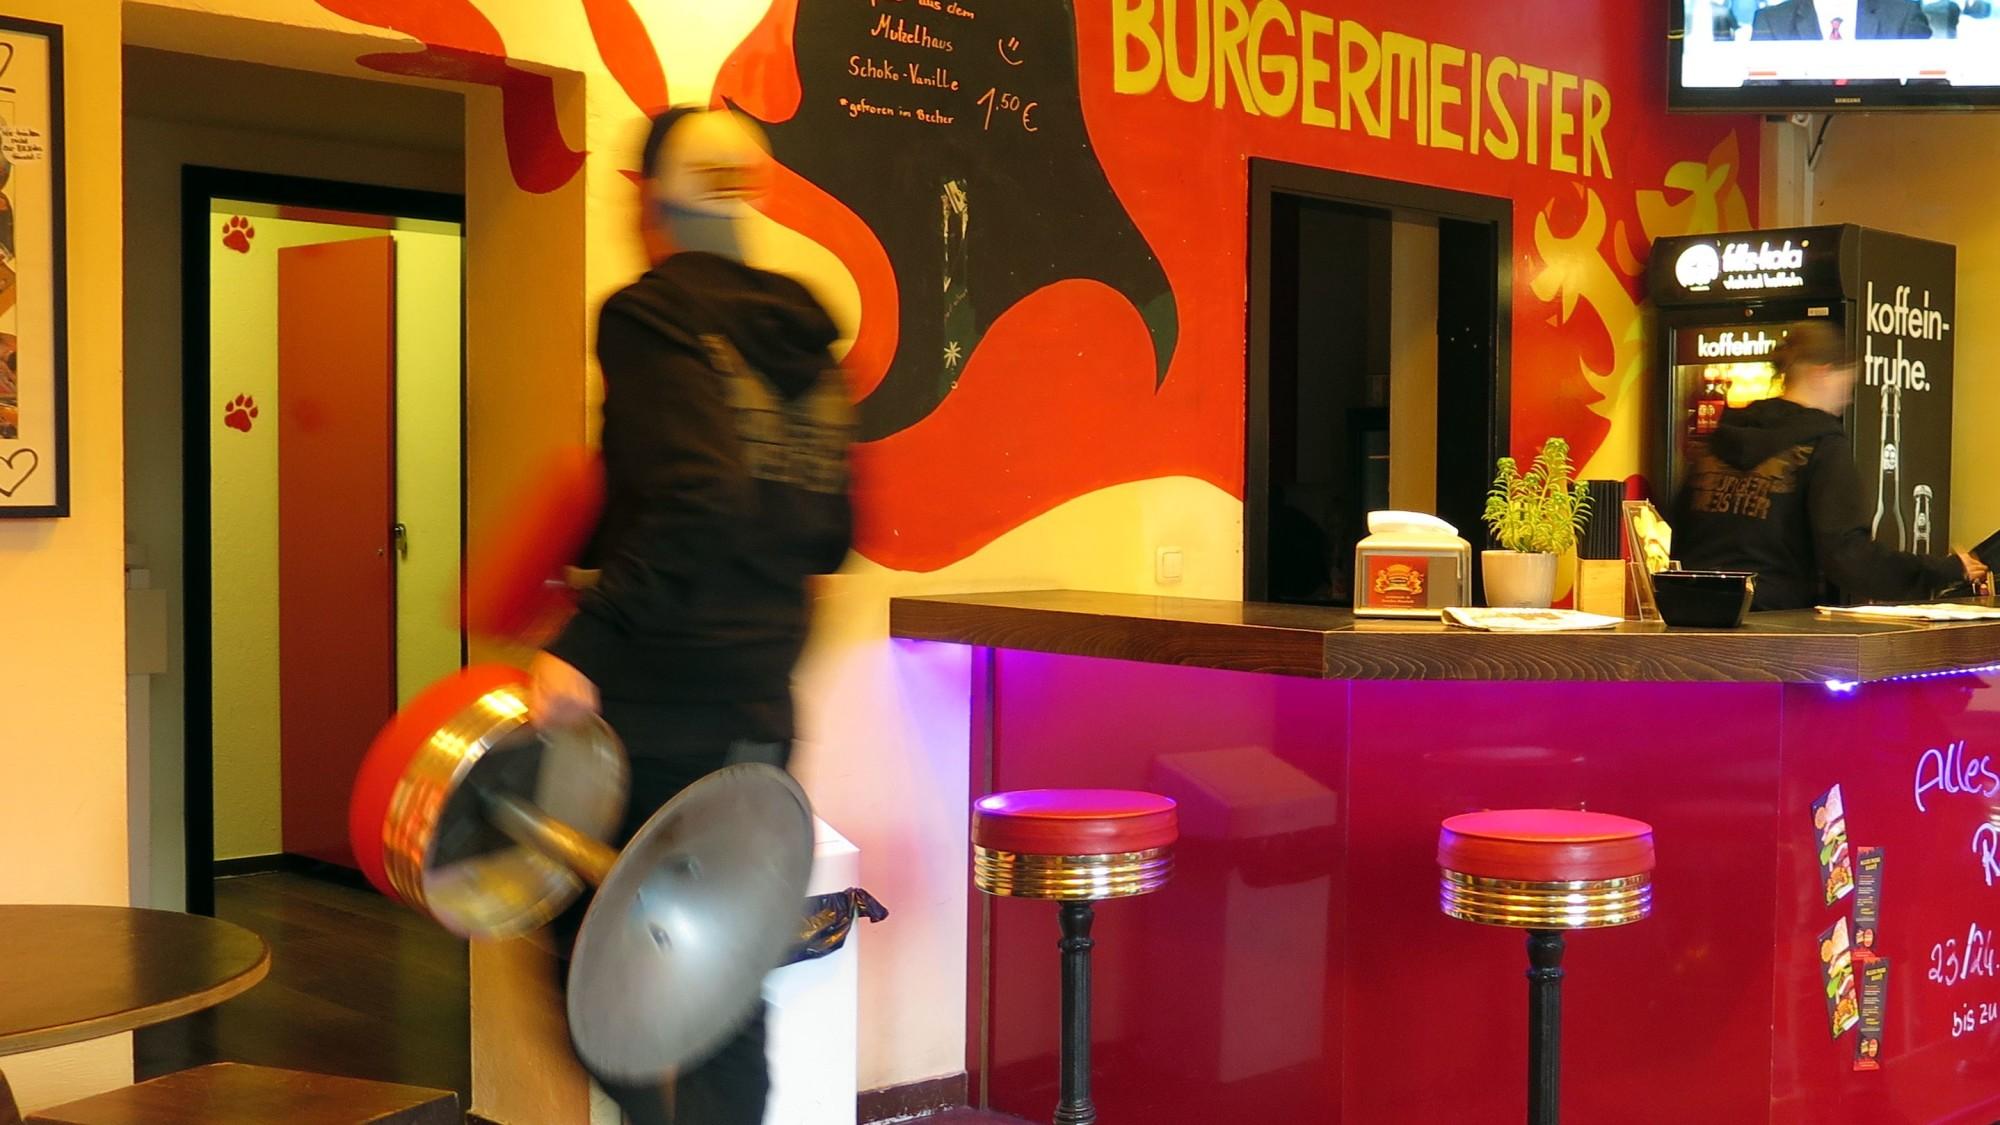 Heute: Letzter Tag im Burgermeister - dann wird ausgeräumt.